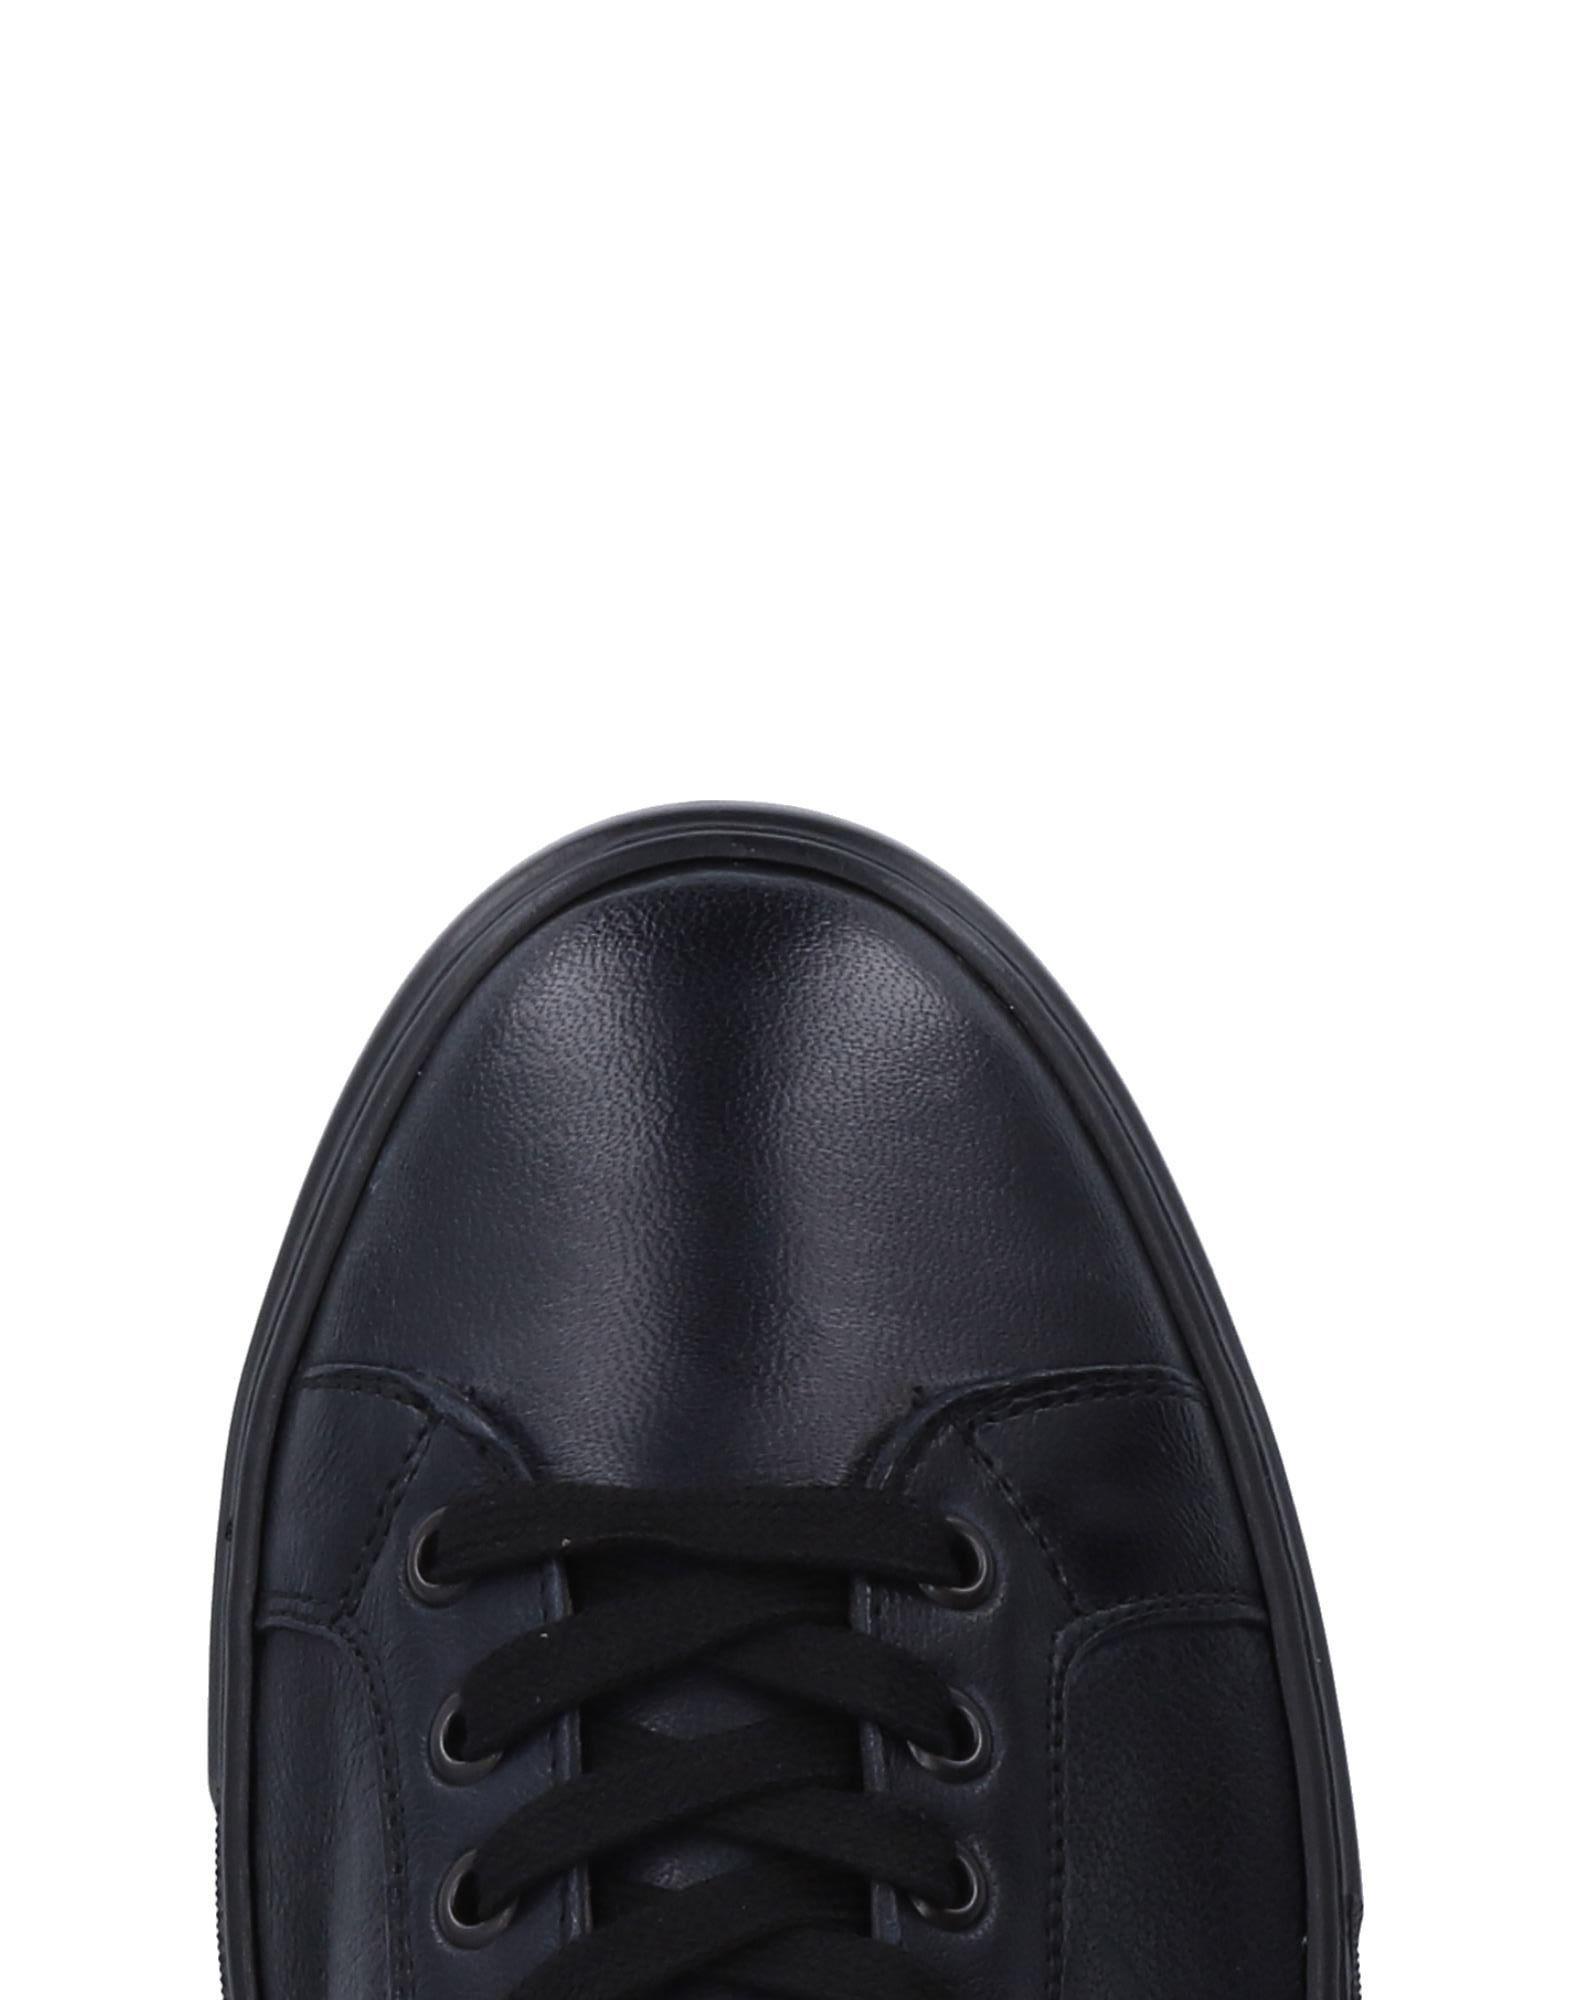 ... Rabatt Herren echte Schuhe Bagatt Sneakers Herren Rabatt 11518260QK  3ebf93 31ab7483f5